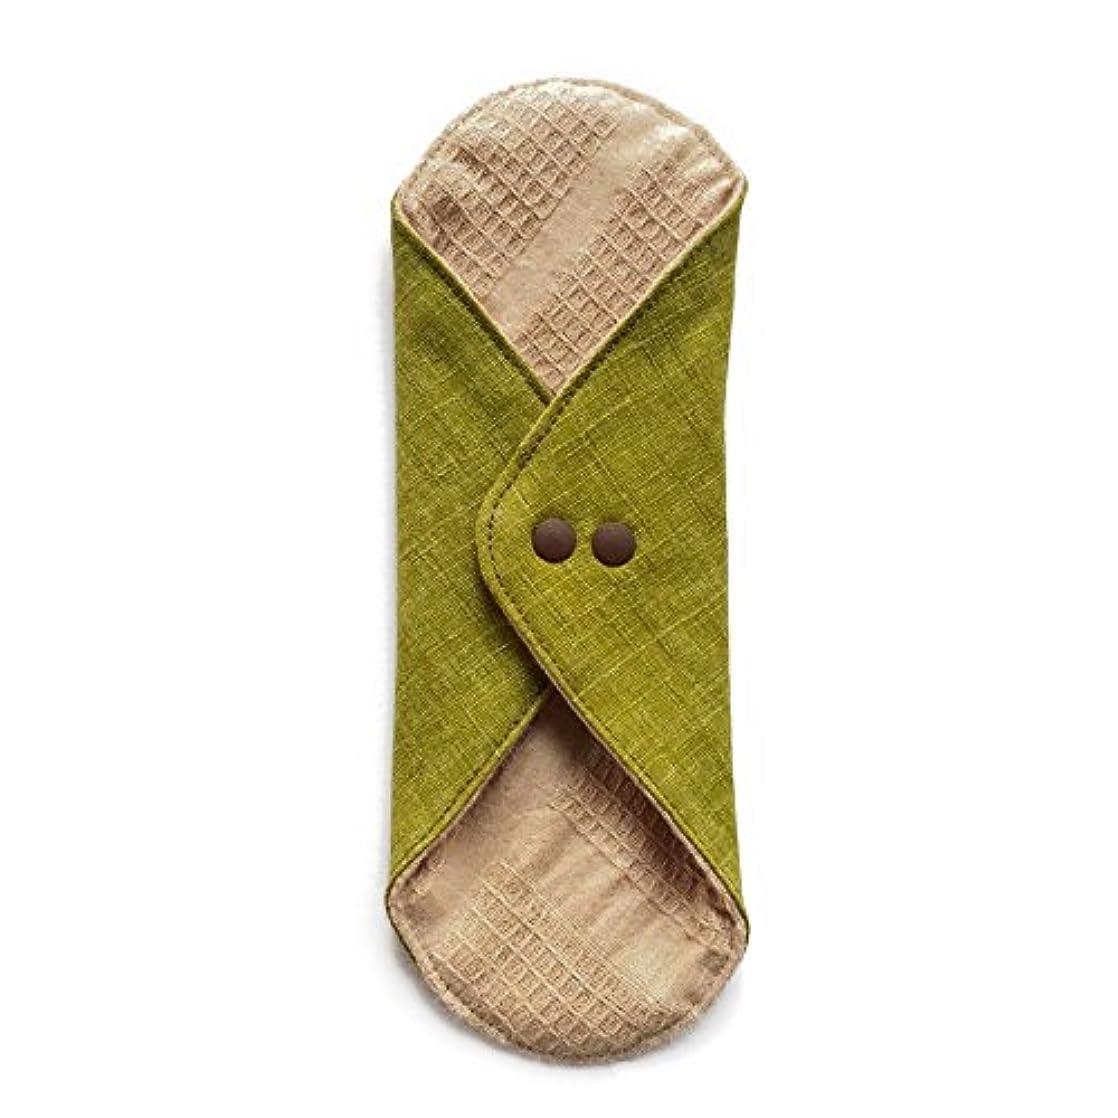 下に向けますモットー局華布のオーガニックコットンのあたため布 Lサイズ (約18×約20.5×約0.5cm) 彩り(抹茶)